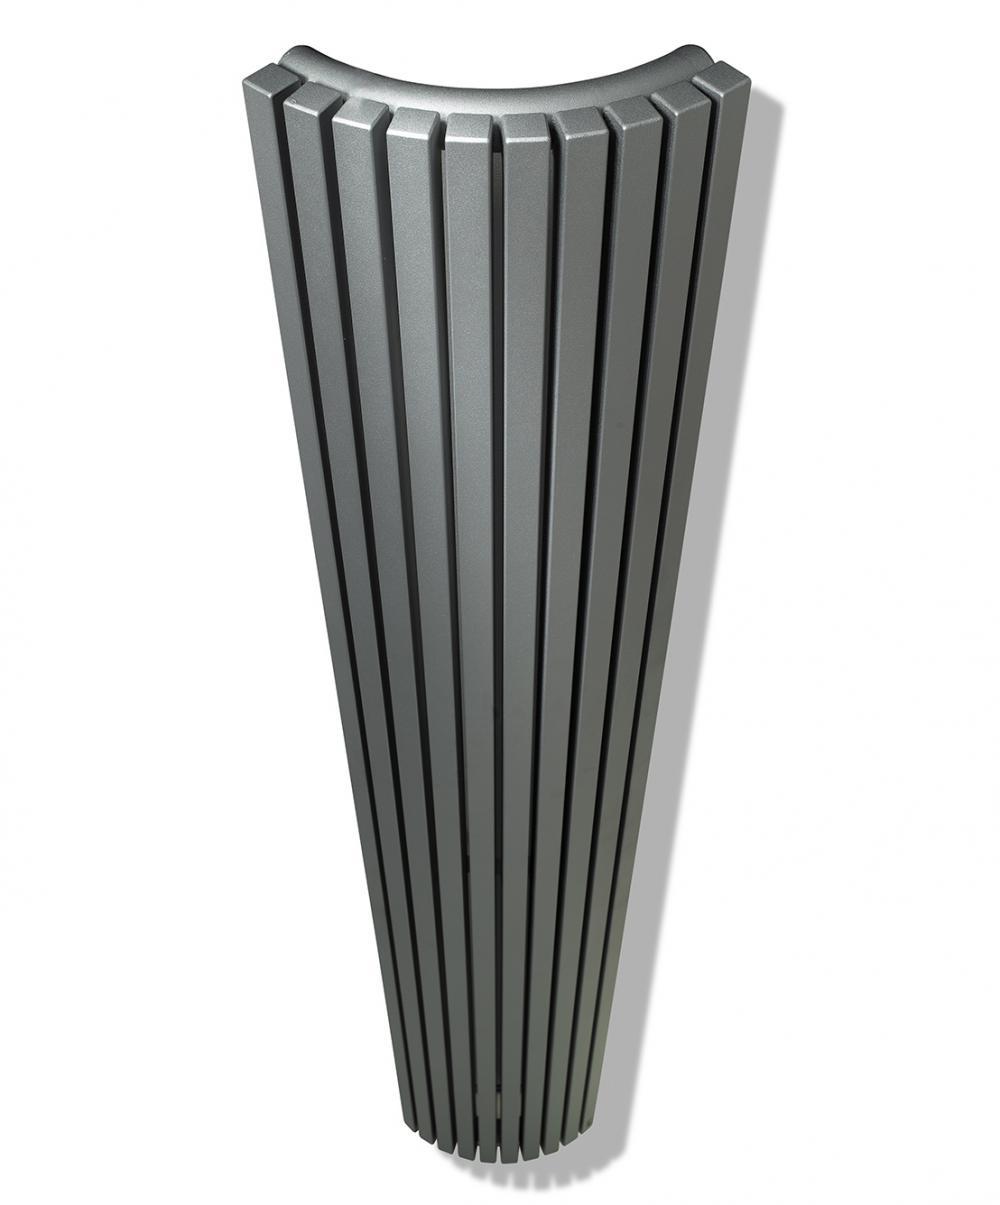 Calorifere decorative pentru colt Vasco Carre CR-A 2200x298 mm, 1227 W